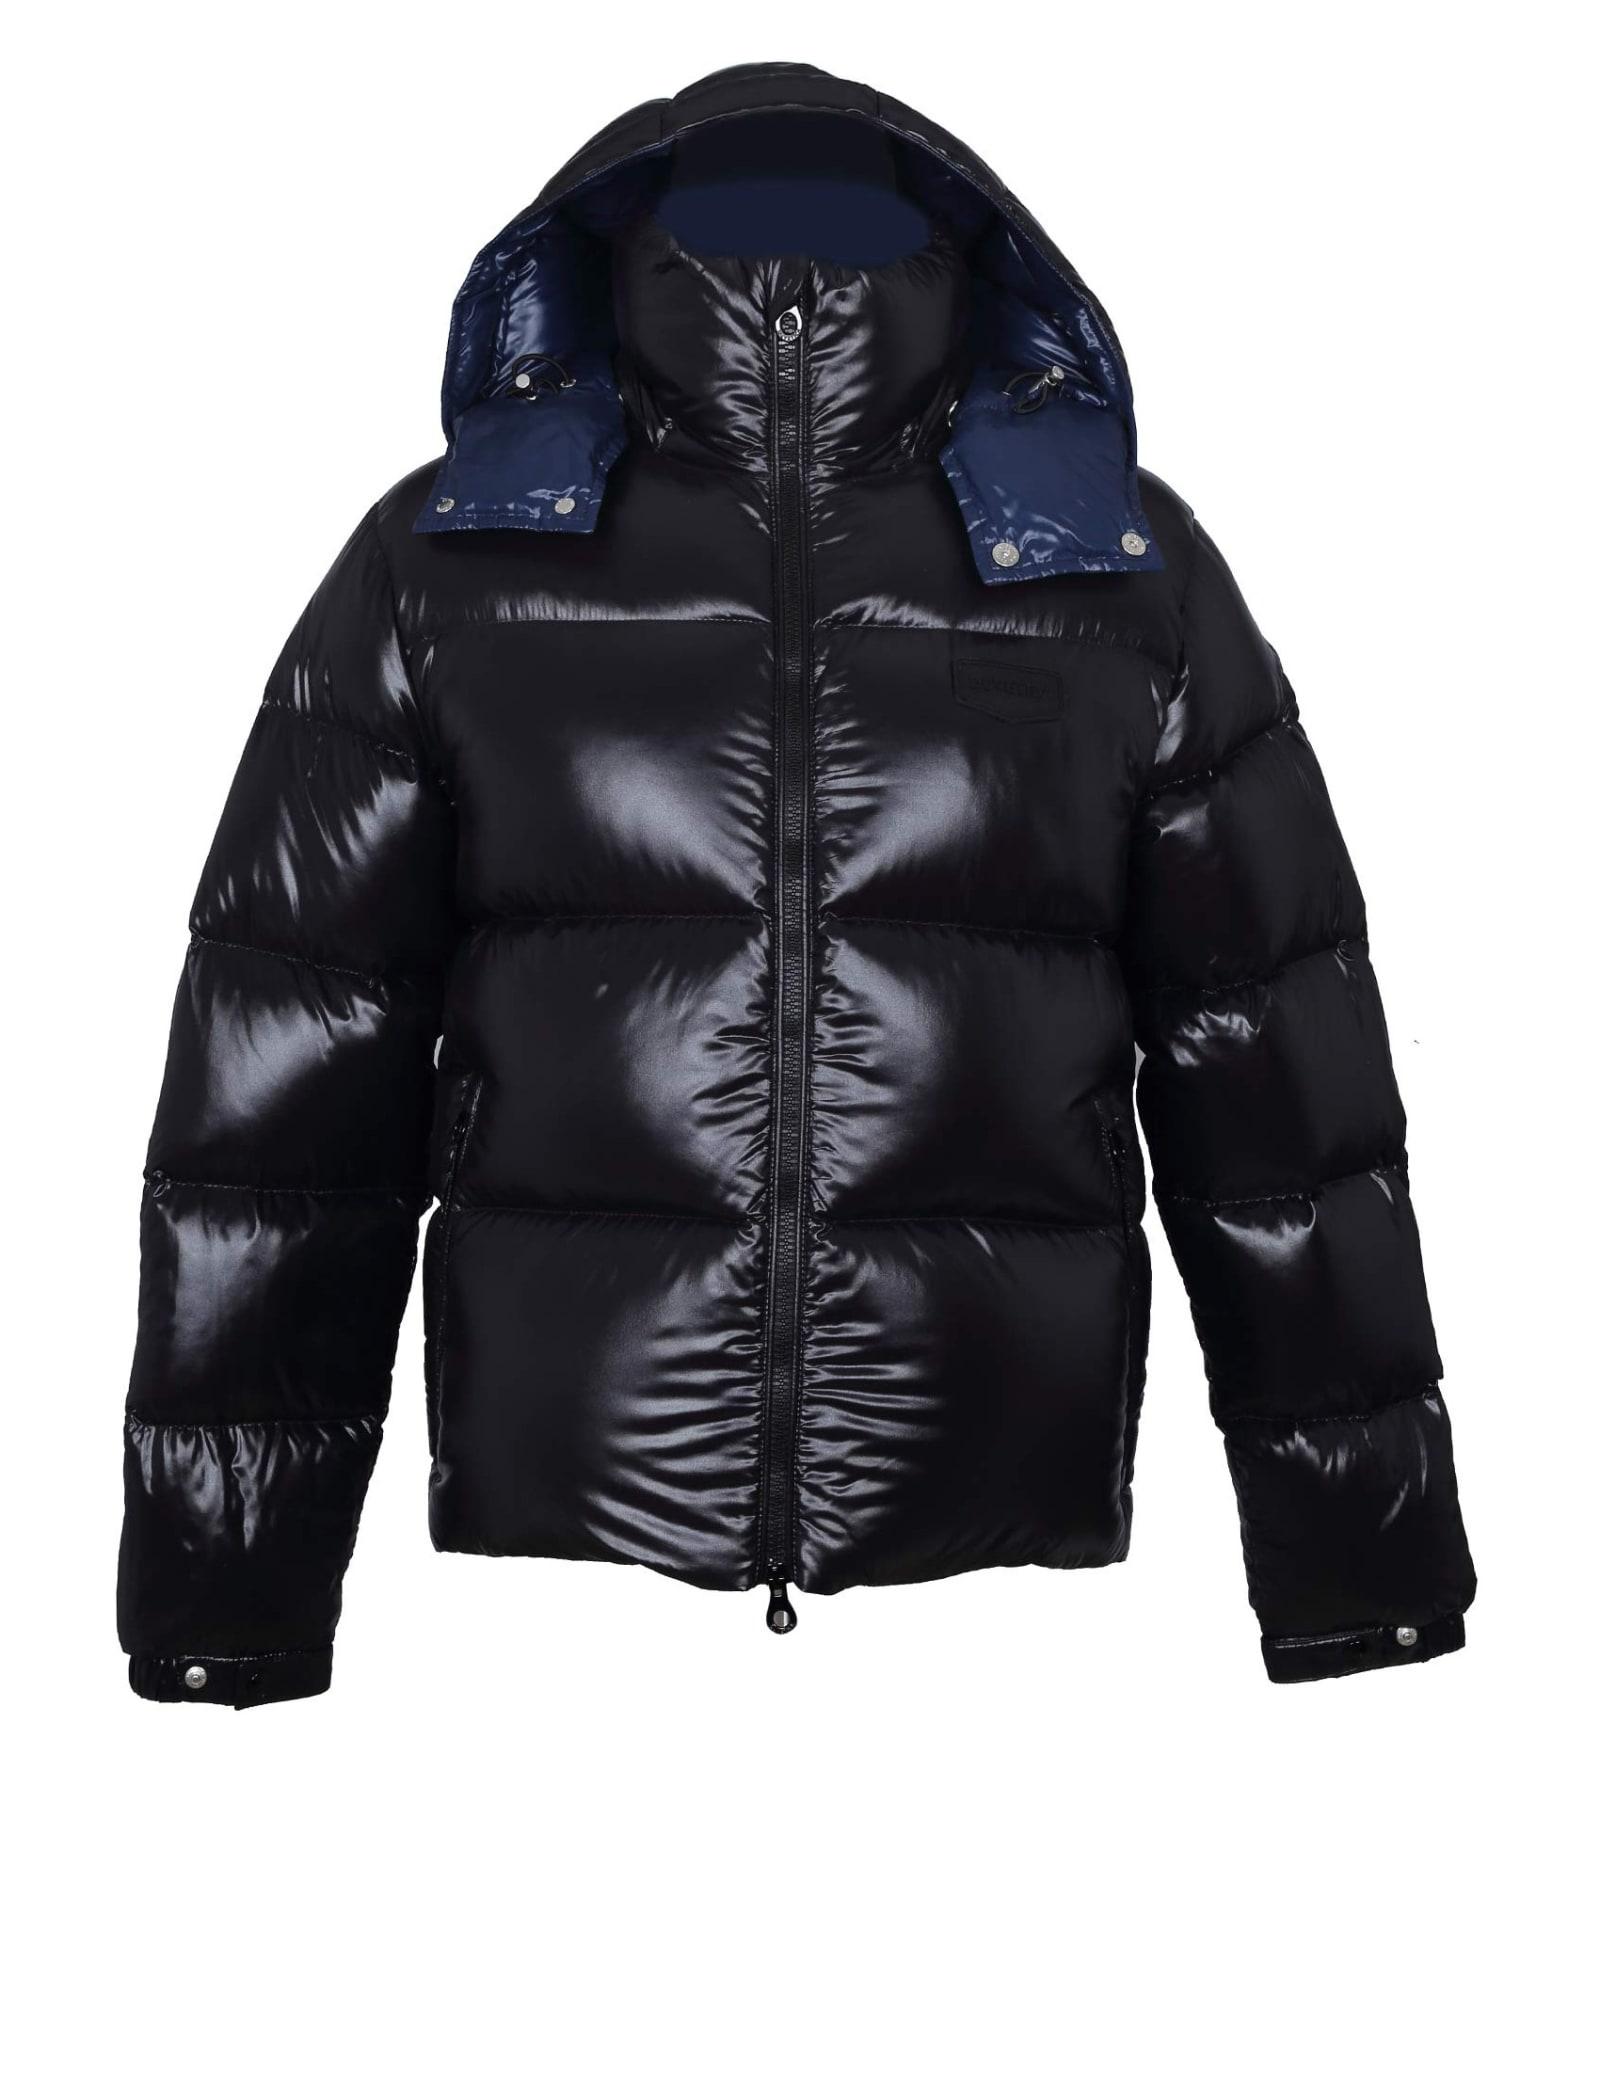 Sallo Hooded Jacket Black